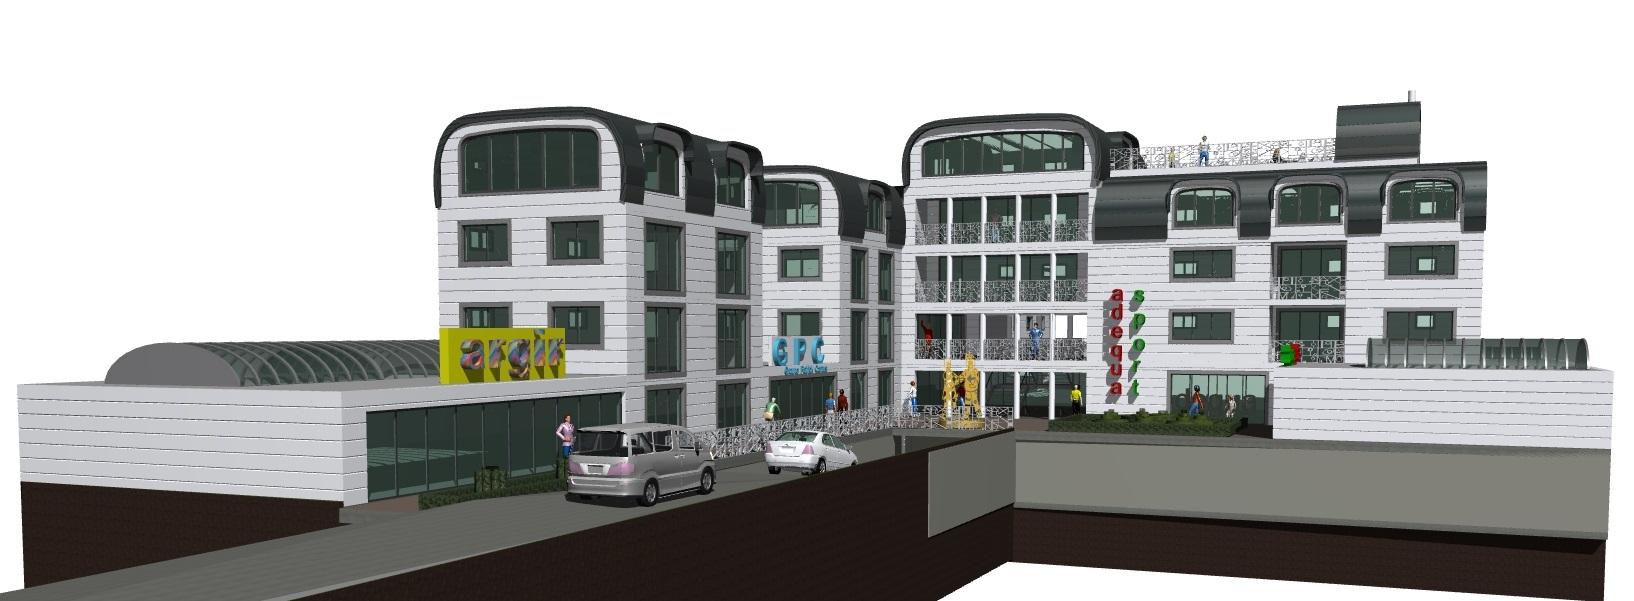 Image Principale - Immeuble collectif avec magasins en pied à Croissy-sur-Seine